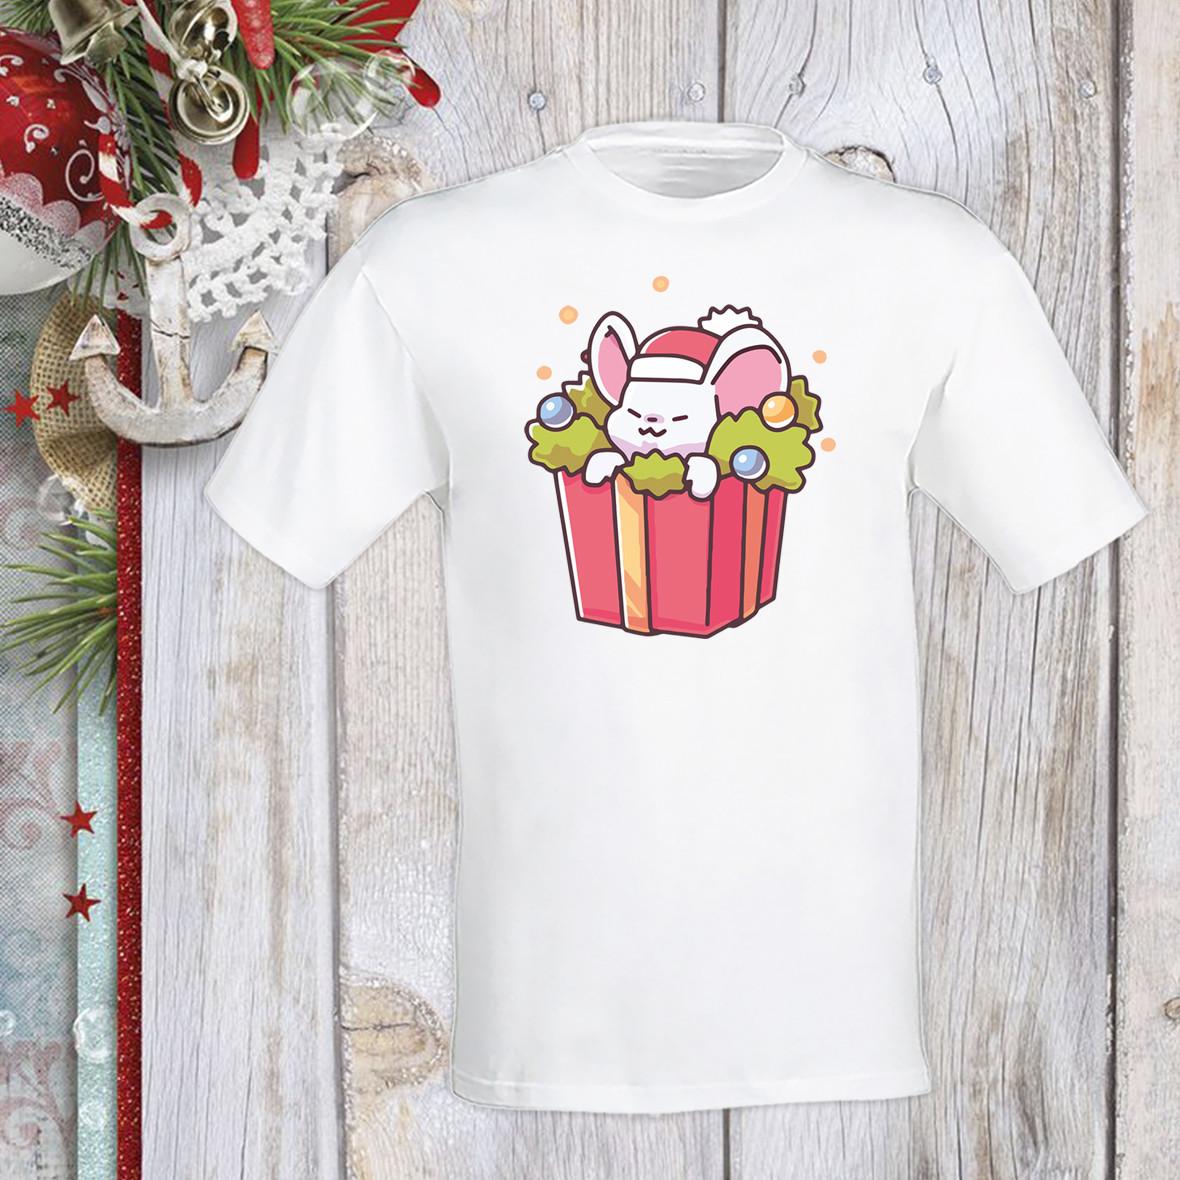 Футболка с новогодним принтом Мышонок и подарок Push IT Белый